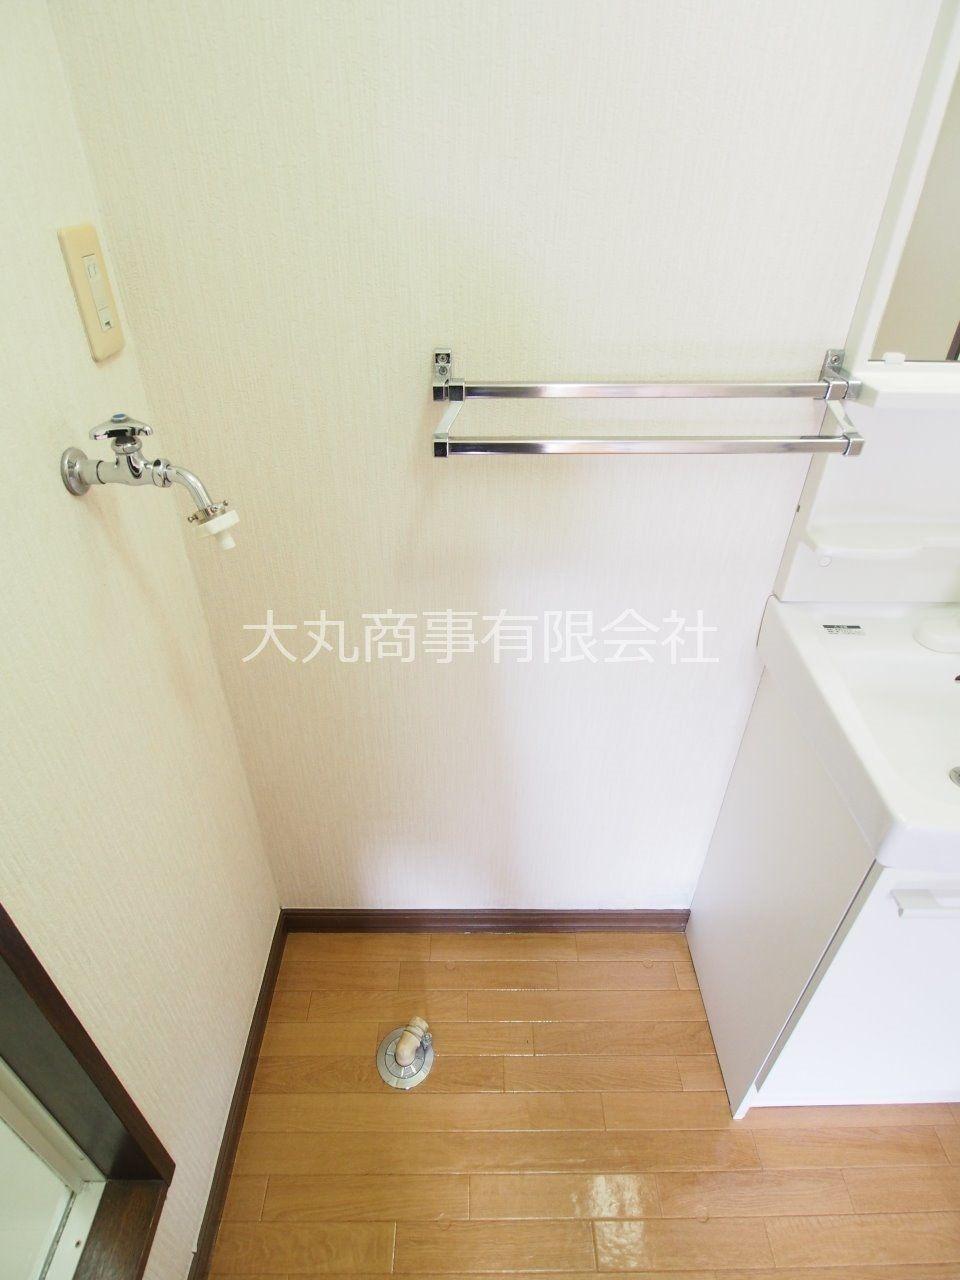 洗面台の横の室内洗濯機置場